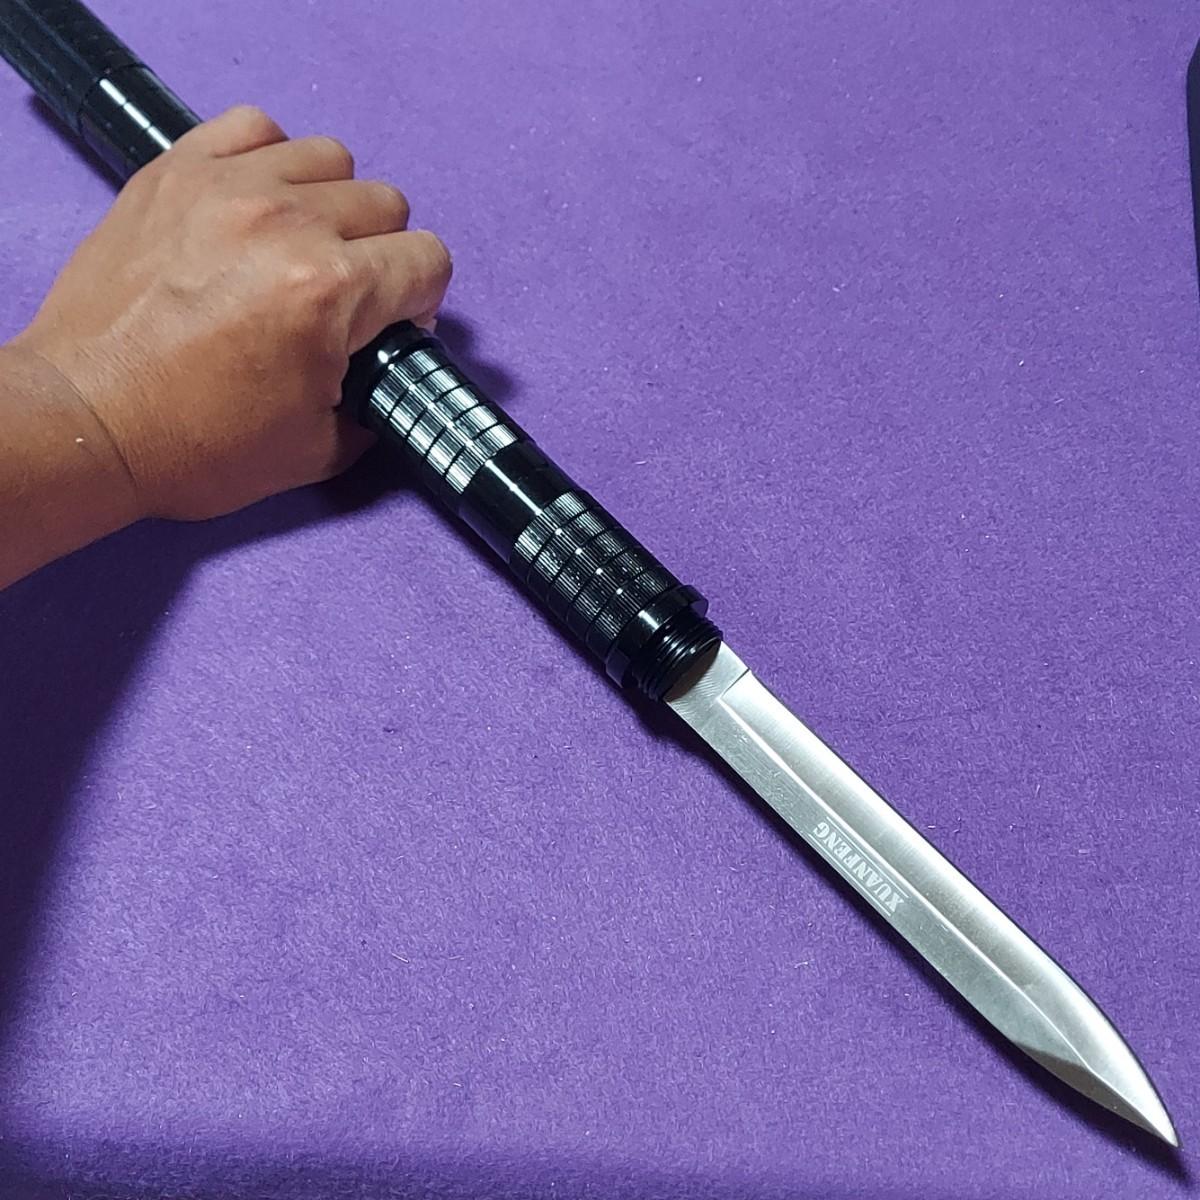 連結可能 ハンティングナイフ 止め刺しナイフ サバイバルナイフ